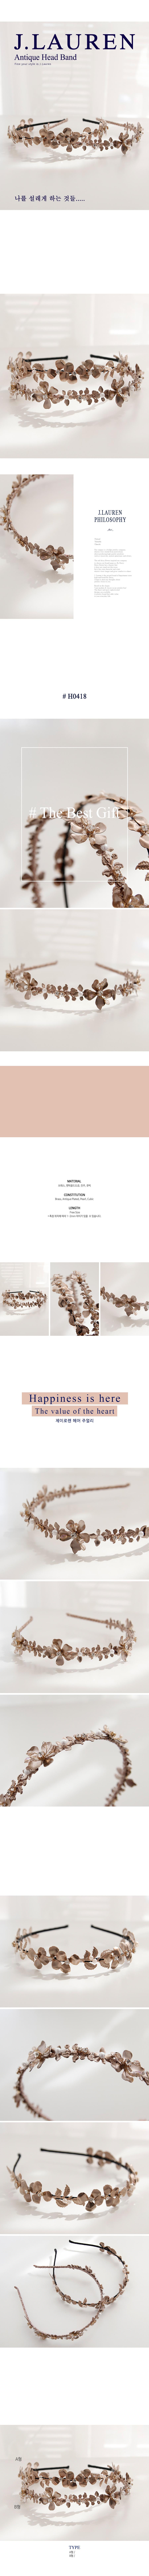 제이로렌 H0418 엔틱 브론즈 플라워 헤어밴드 - 바이데이지, 39,000원, 헤어핀/밴드/끈, 헤어밴드